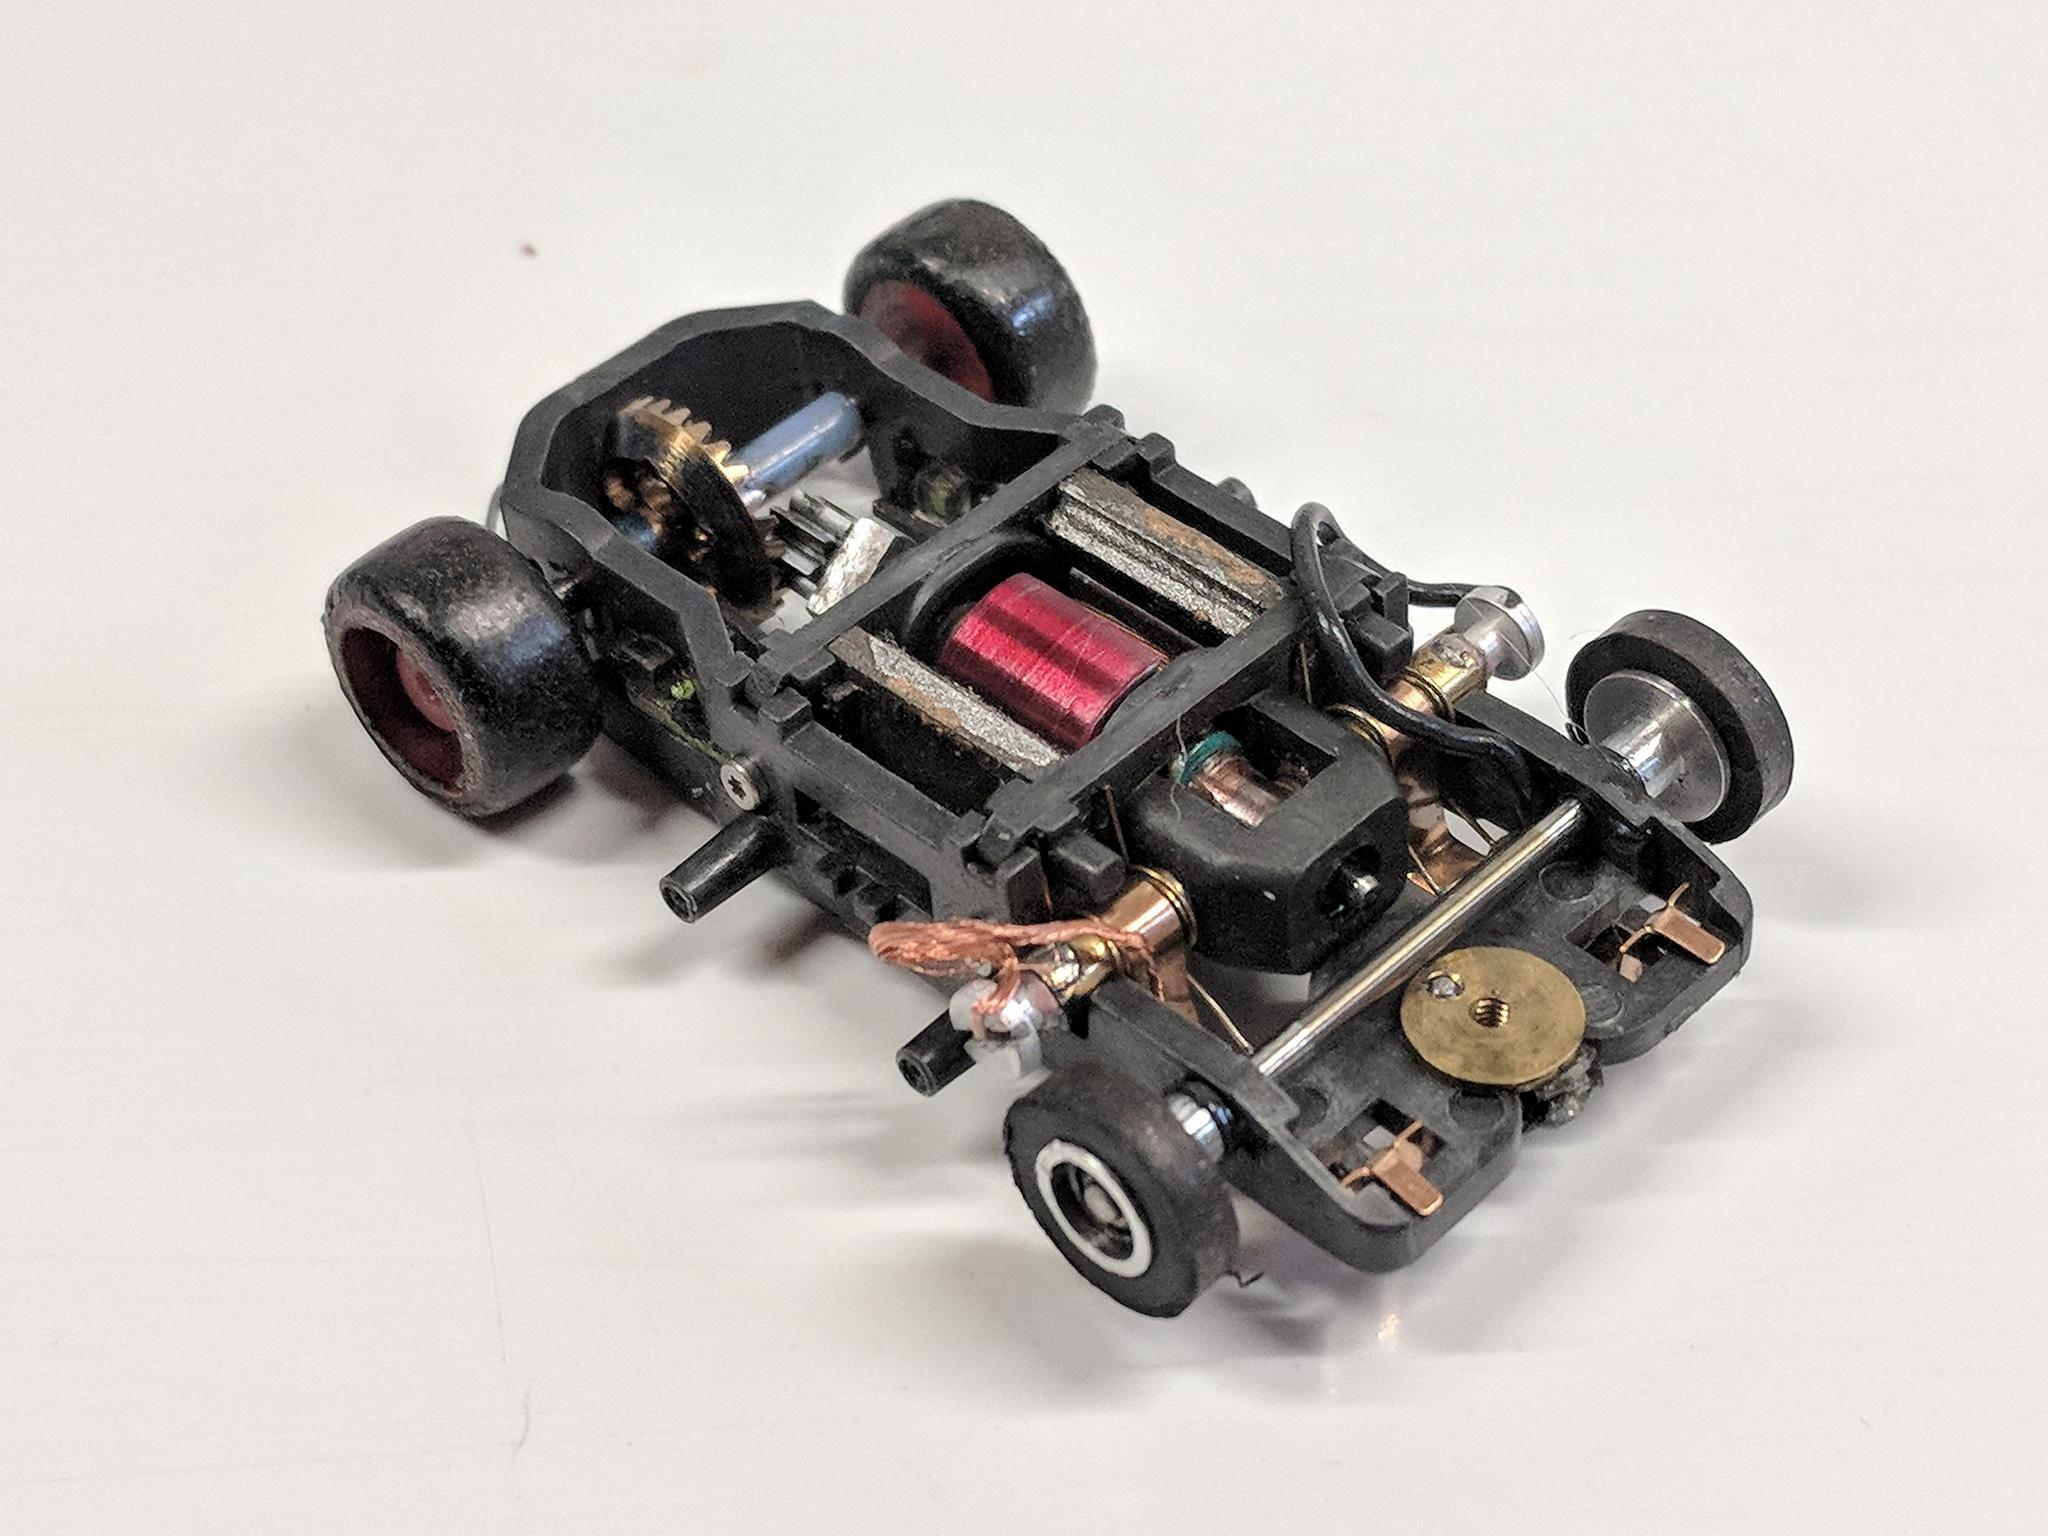 T1 Neo Mod